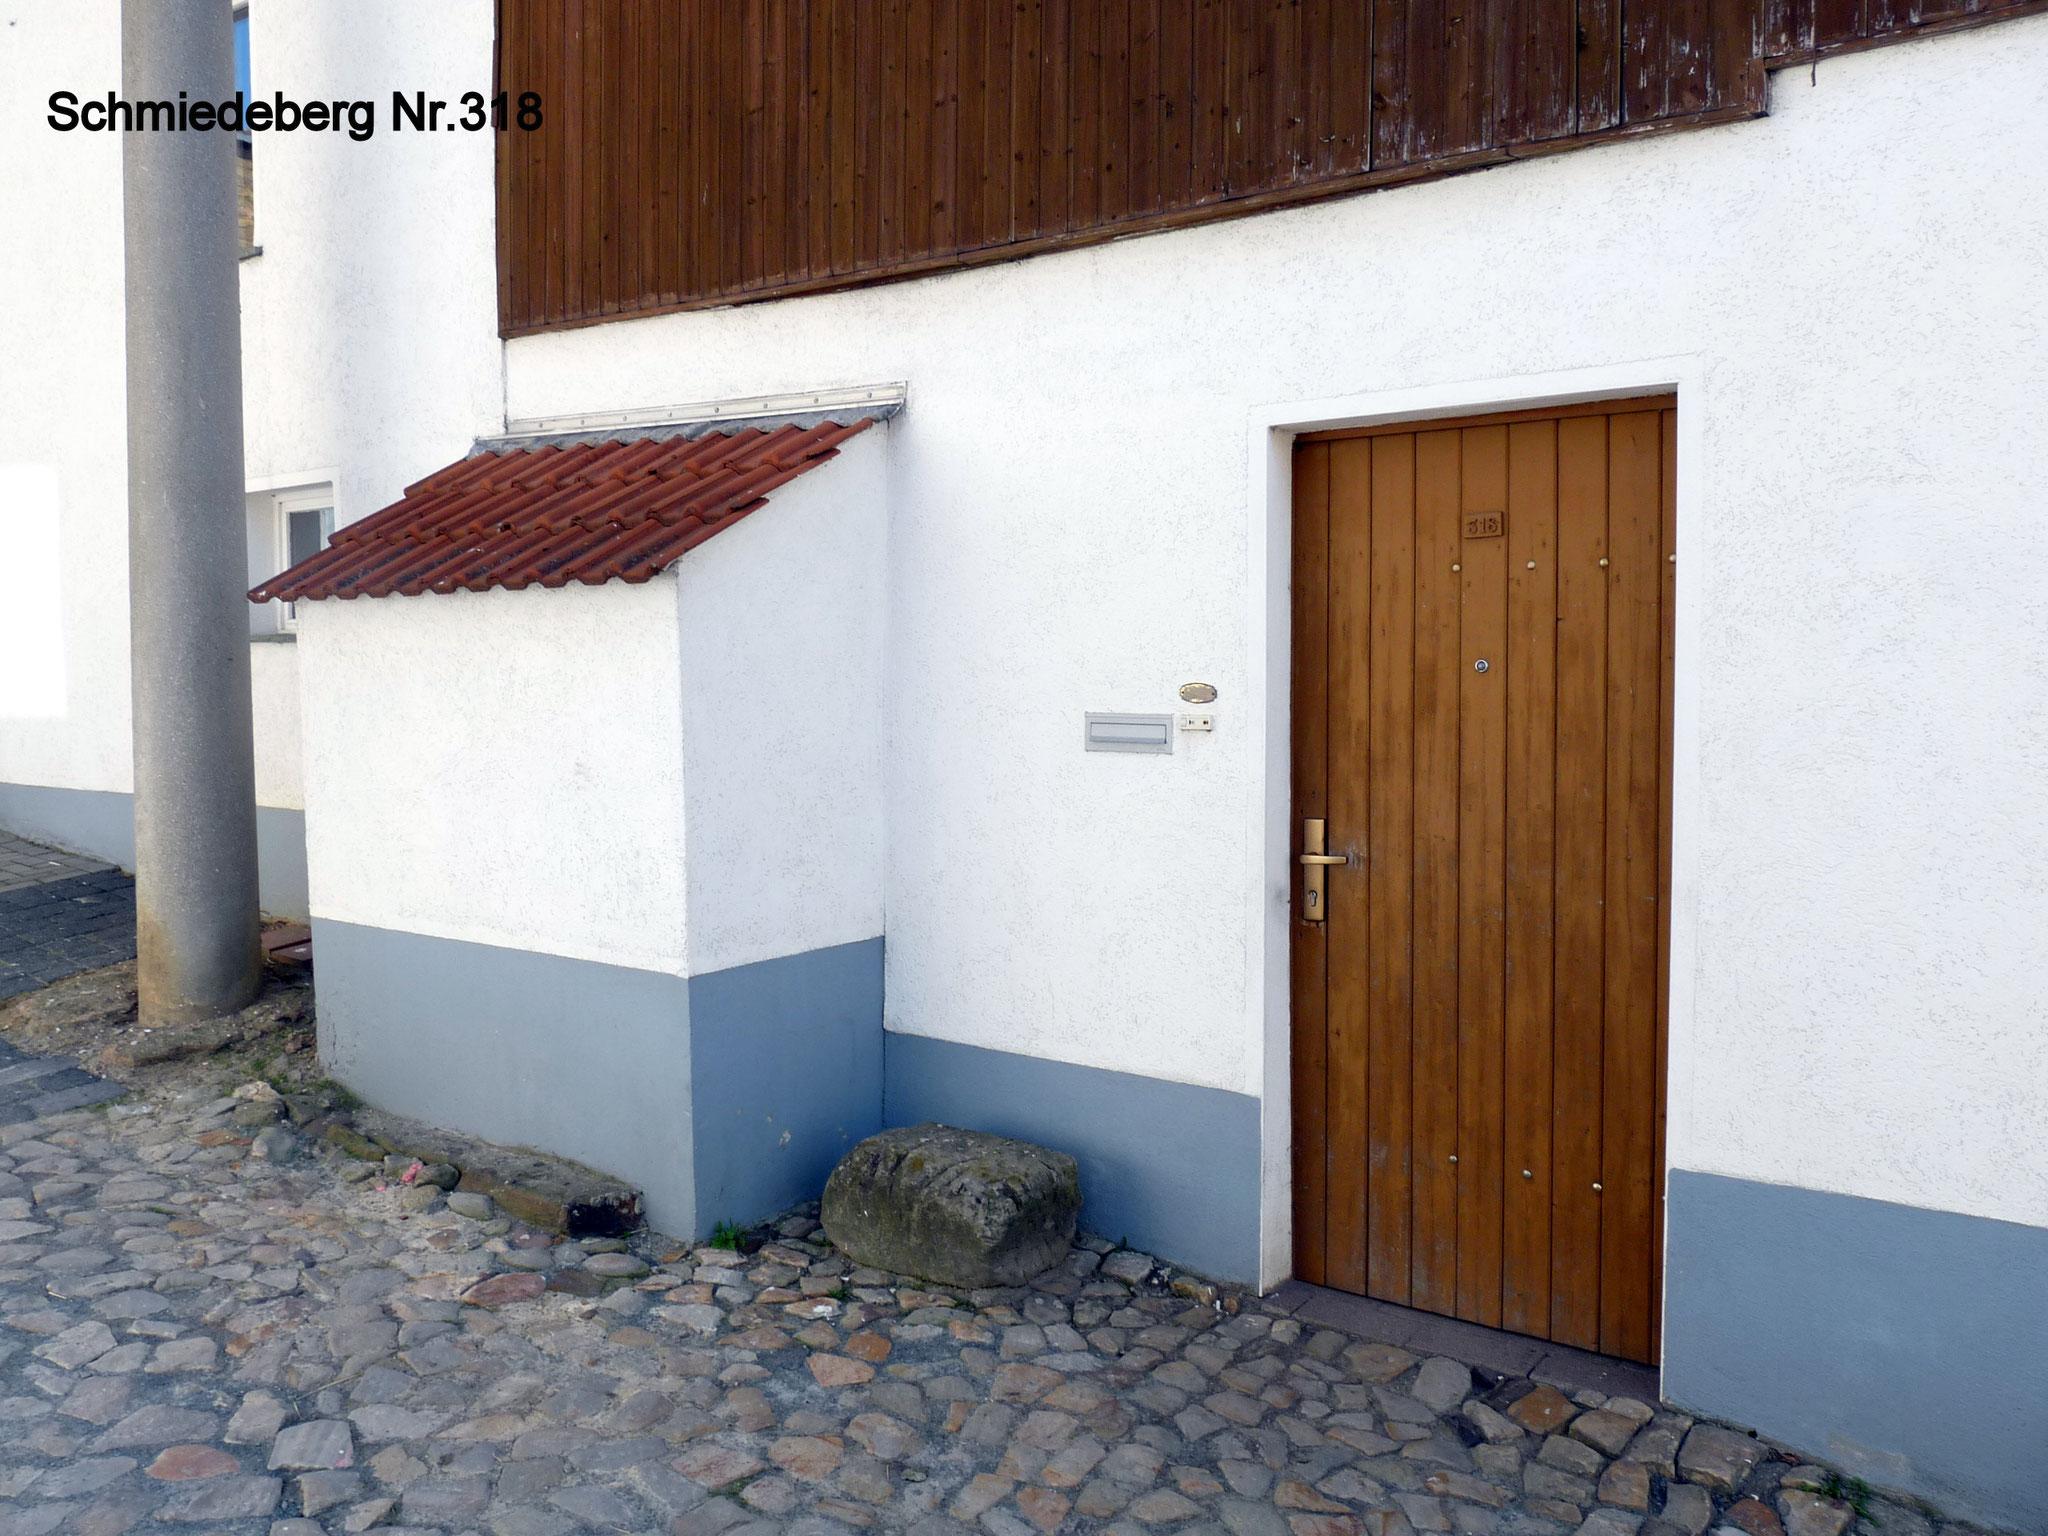 Schmiedeberg 318